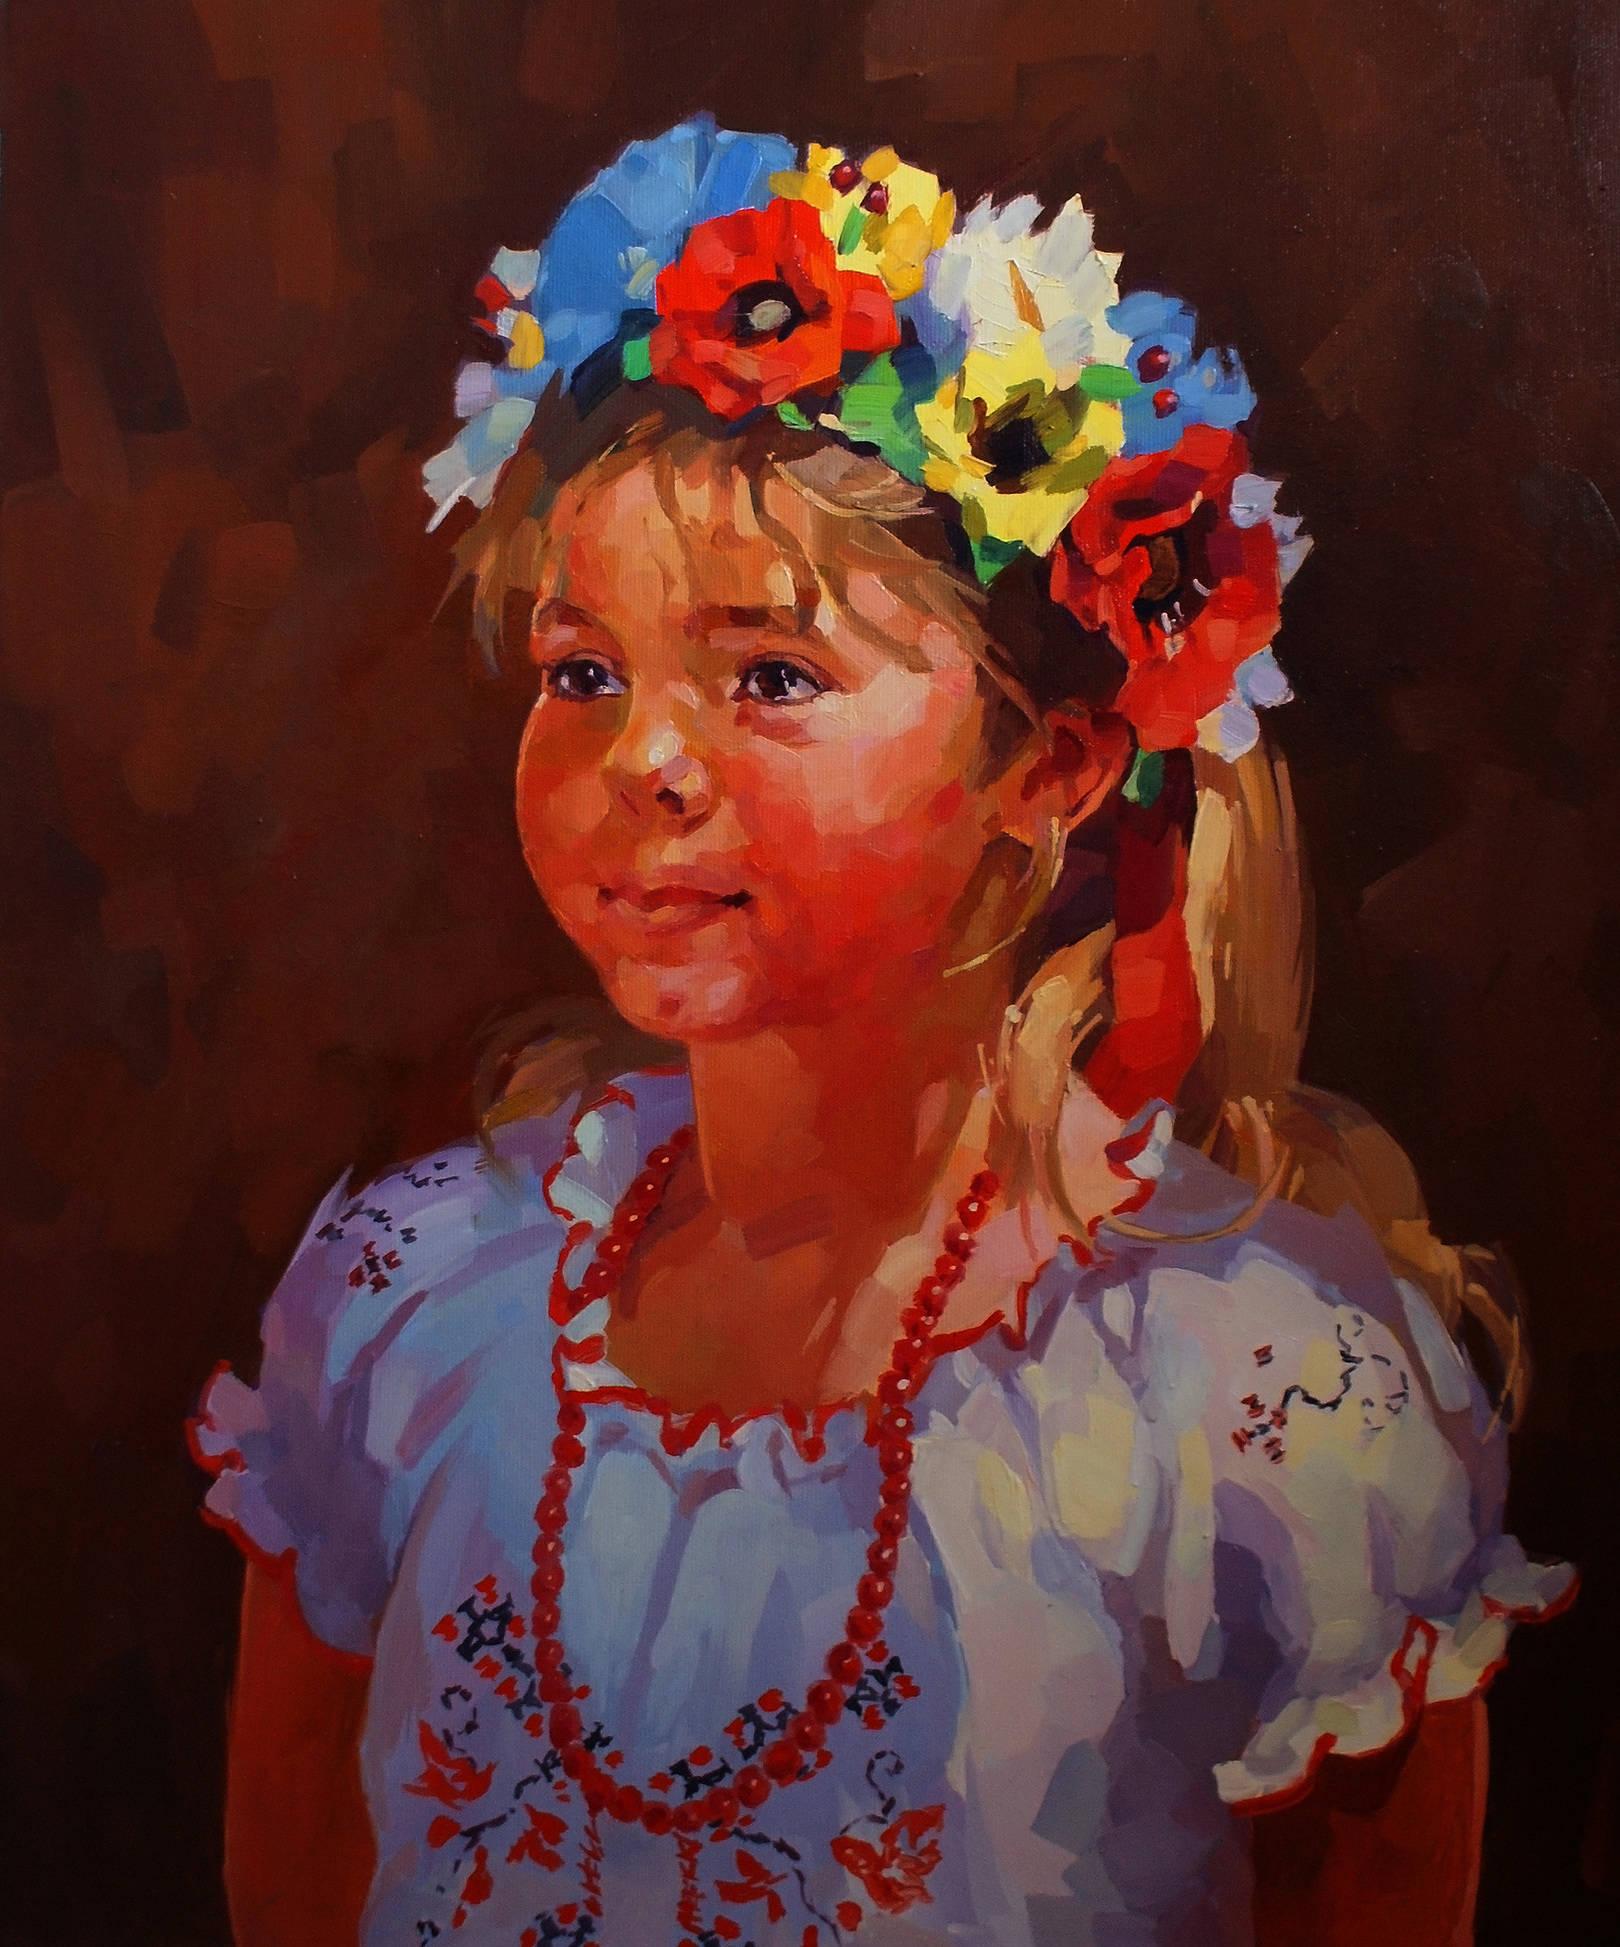 холст, масло, 55х45 портрет находится в частной коллекции в США